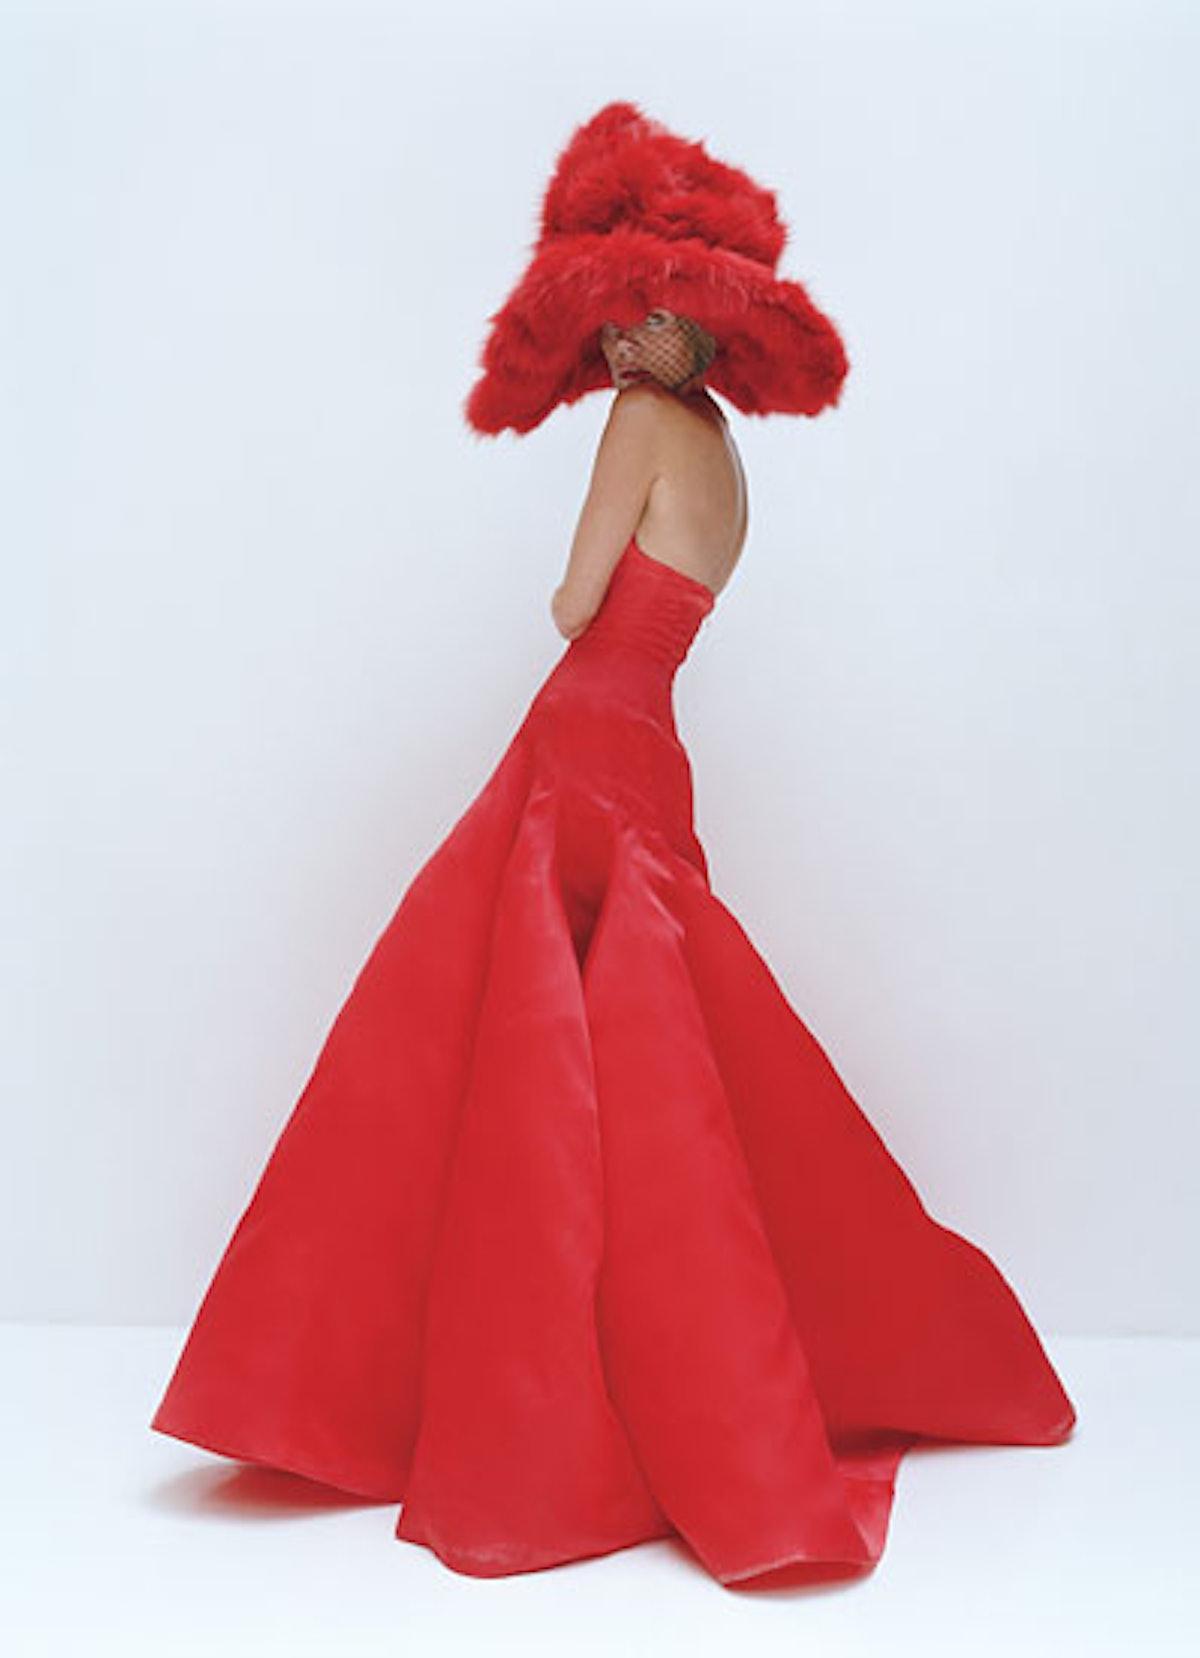 fass-fashion-eccentrics-06-v.jpg